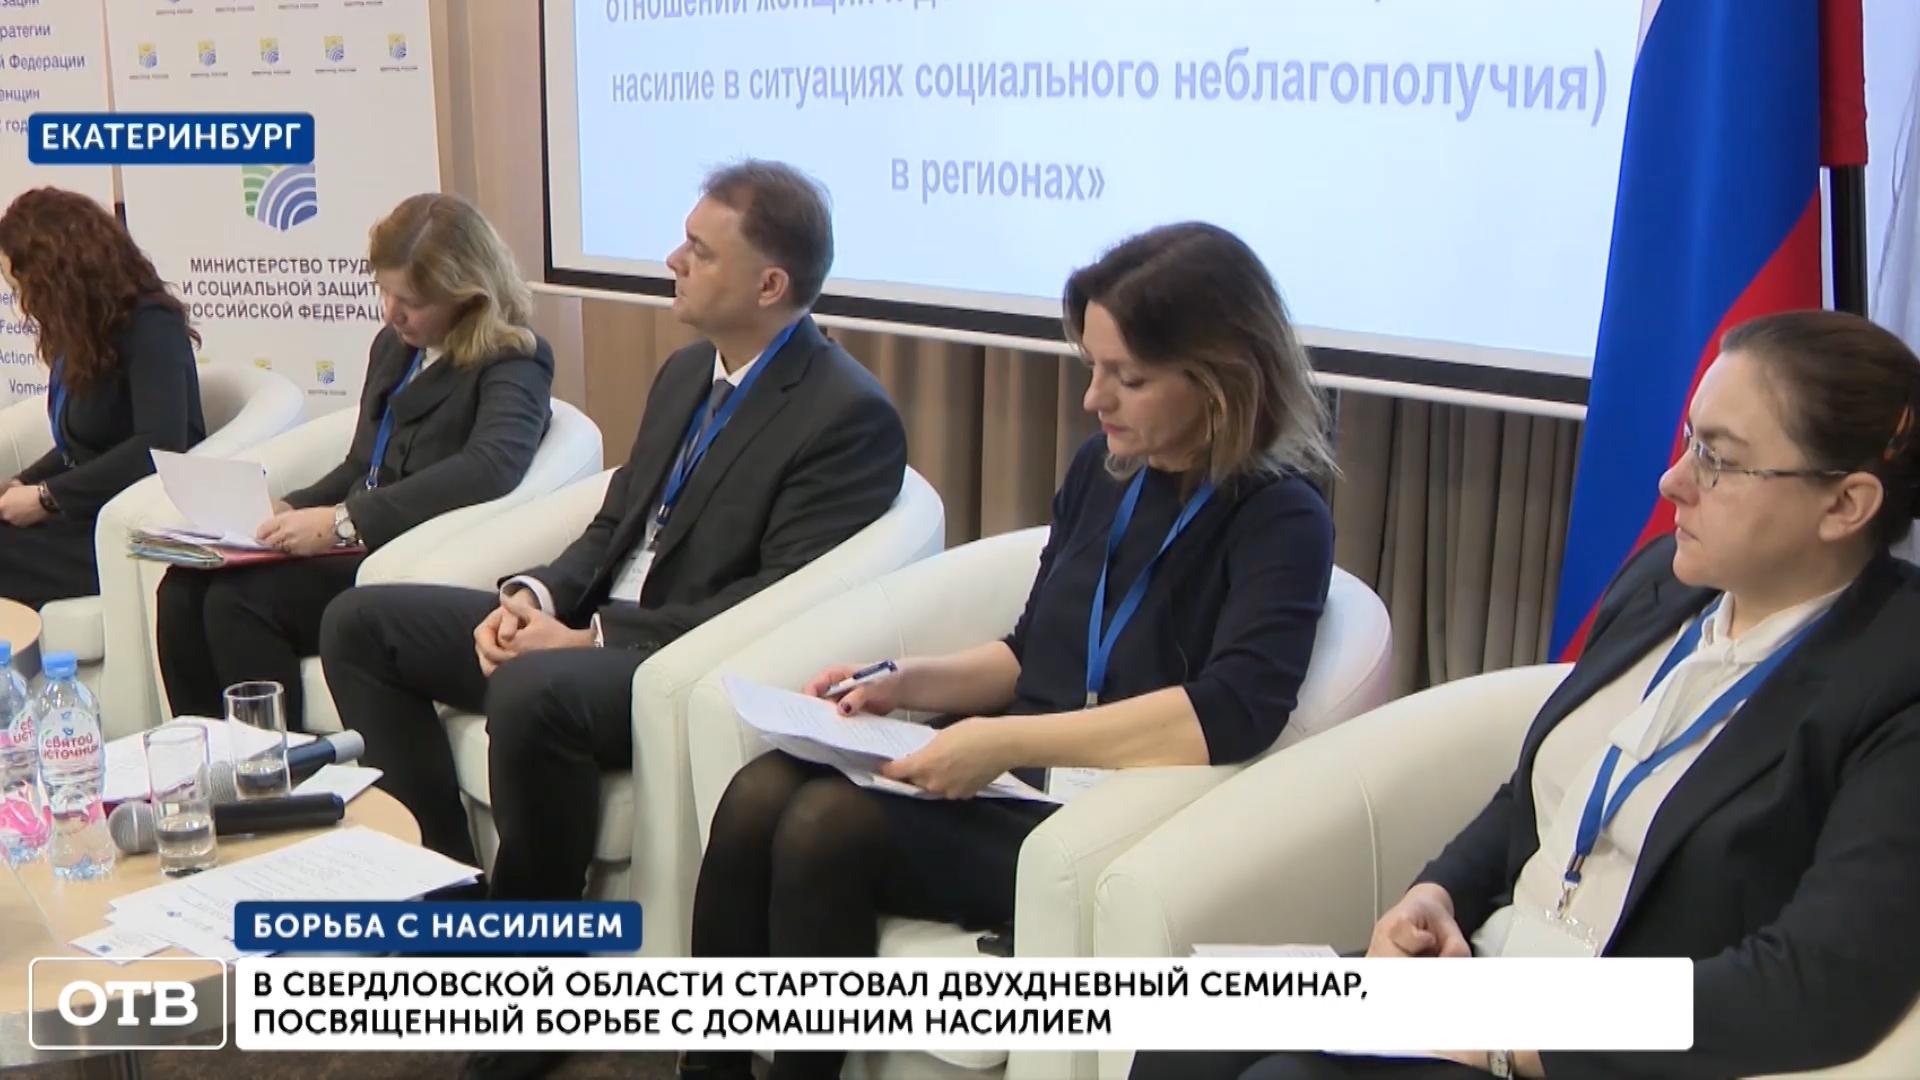 20200218_20-02-В Екатеринбурге стартовал двухдневный семинар по борьбе с домашним насилием-pic11